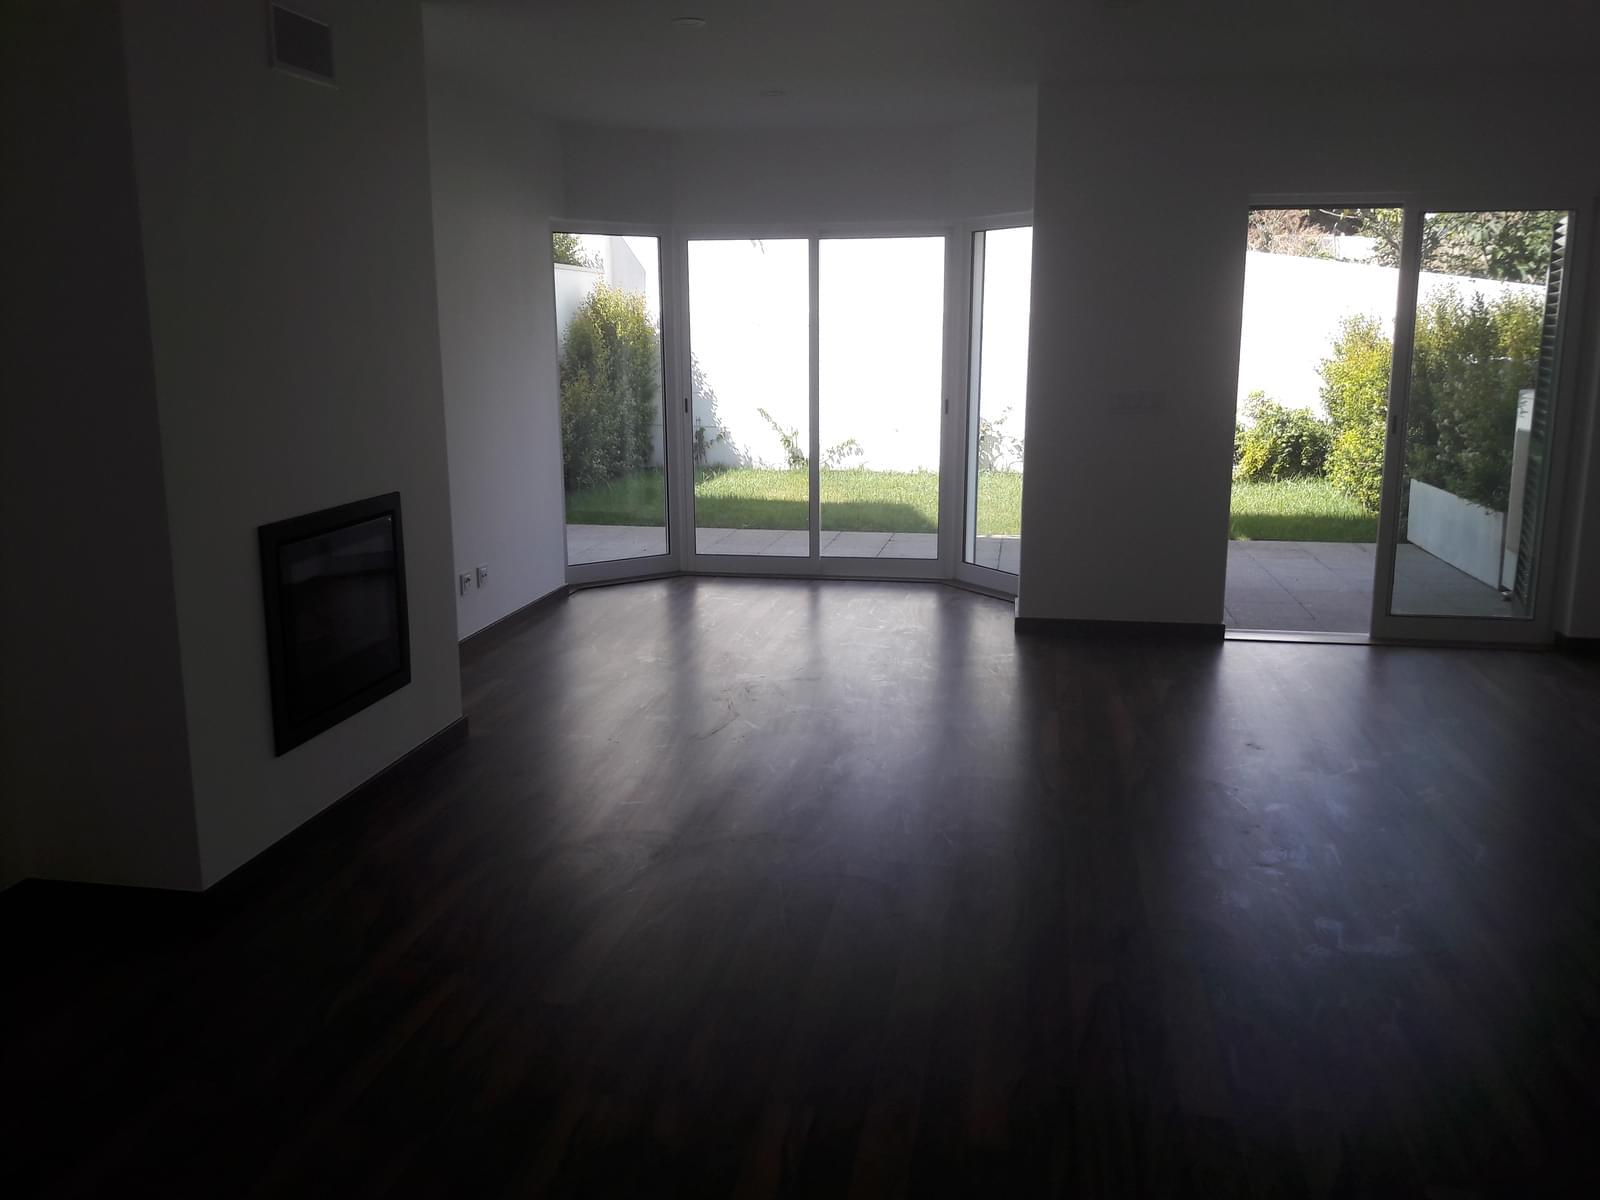 pf18025-apartamento-t3-7bd6d9c9-a91b-4b2f-83fd-24b829ccae73